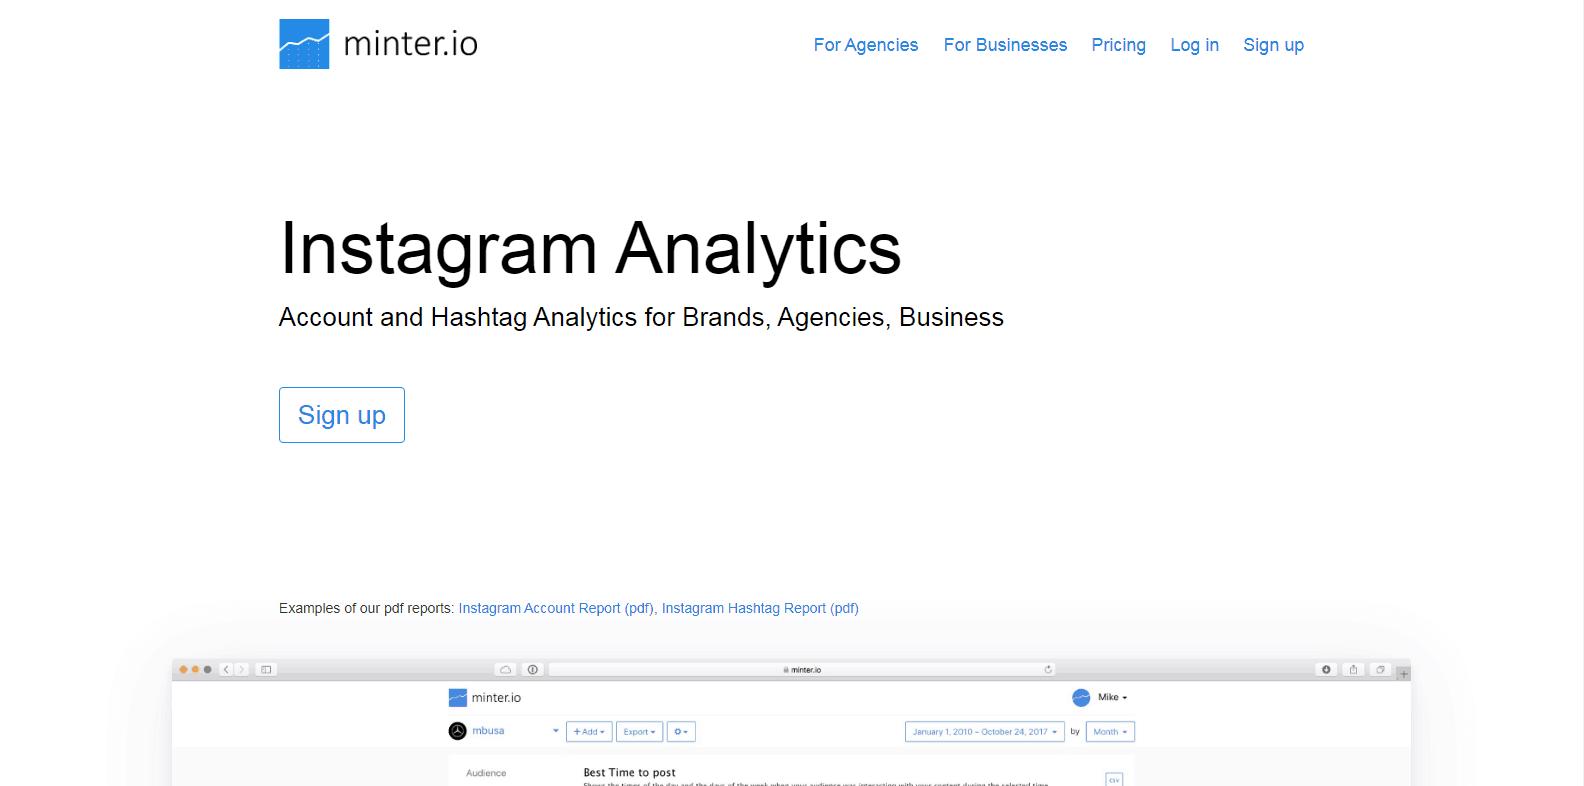 Herramientas de análisis de Instagram Minter.io